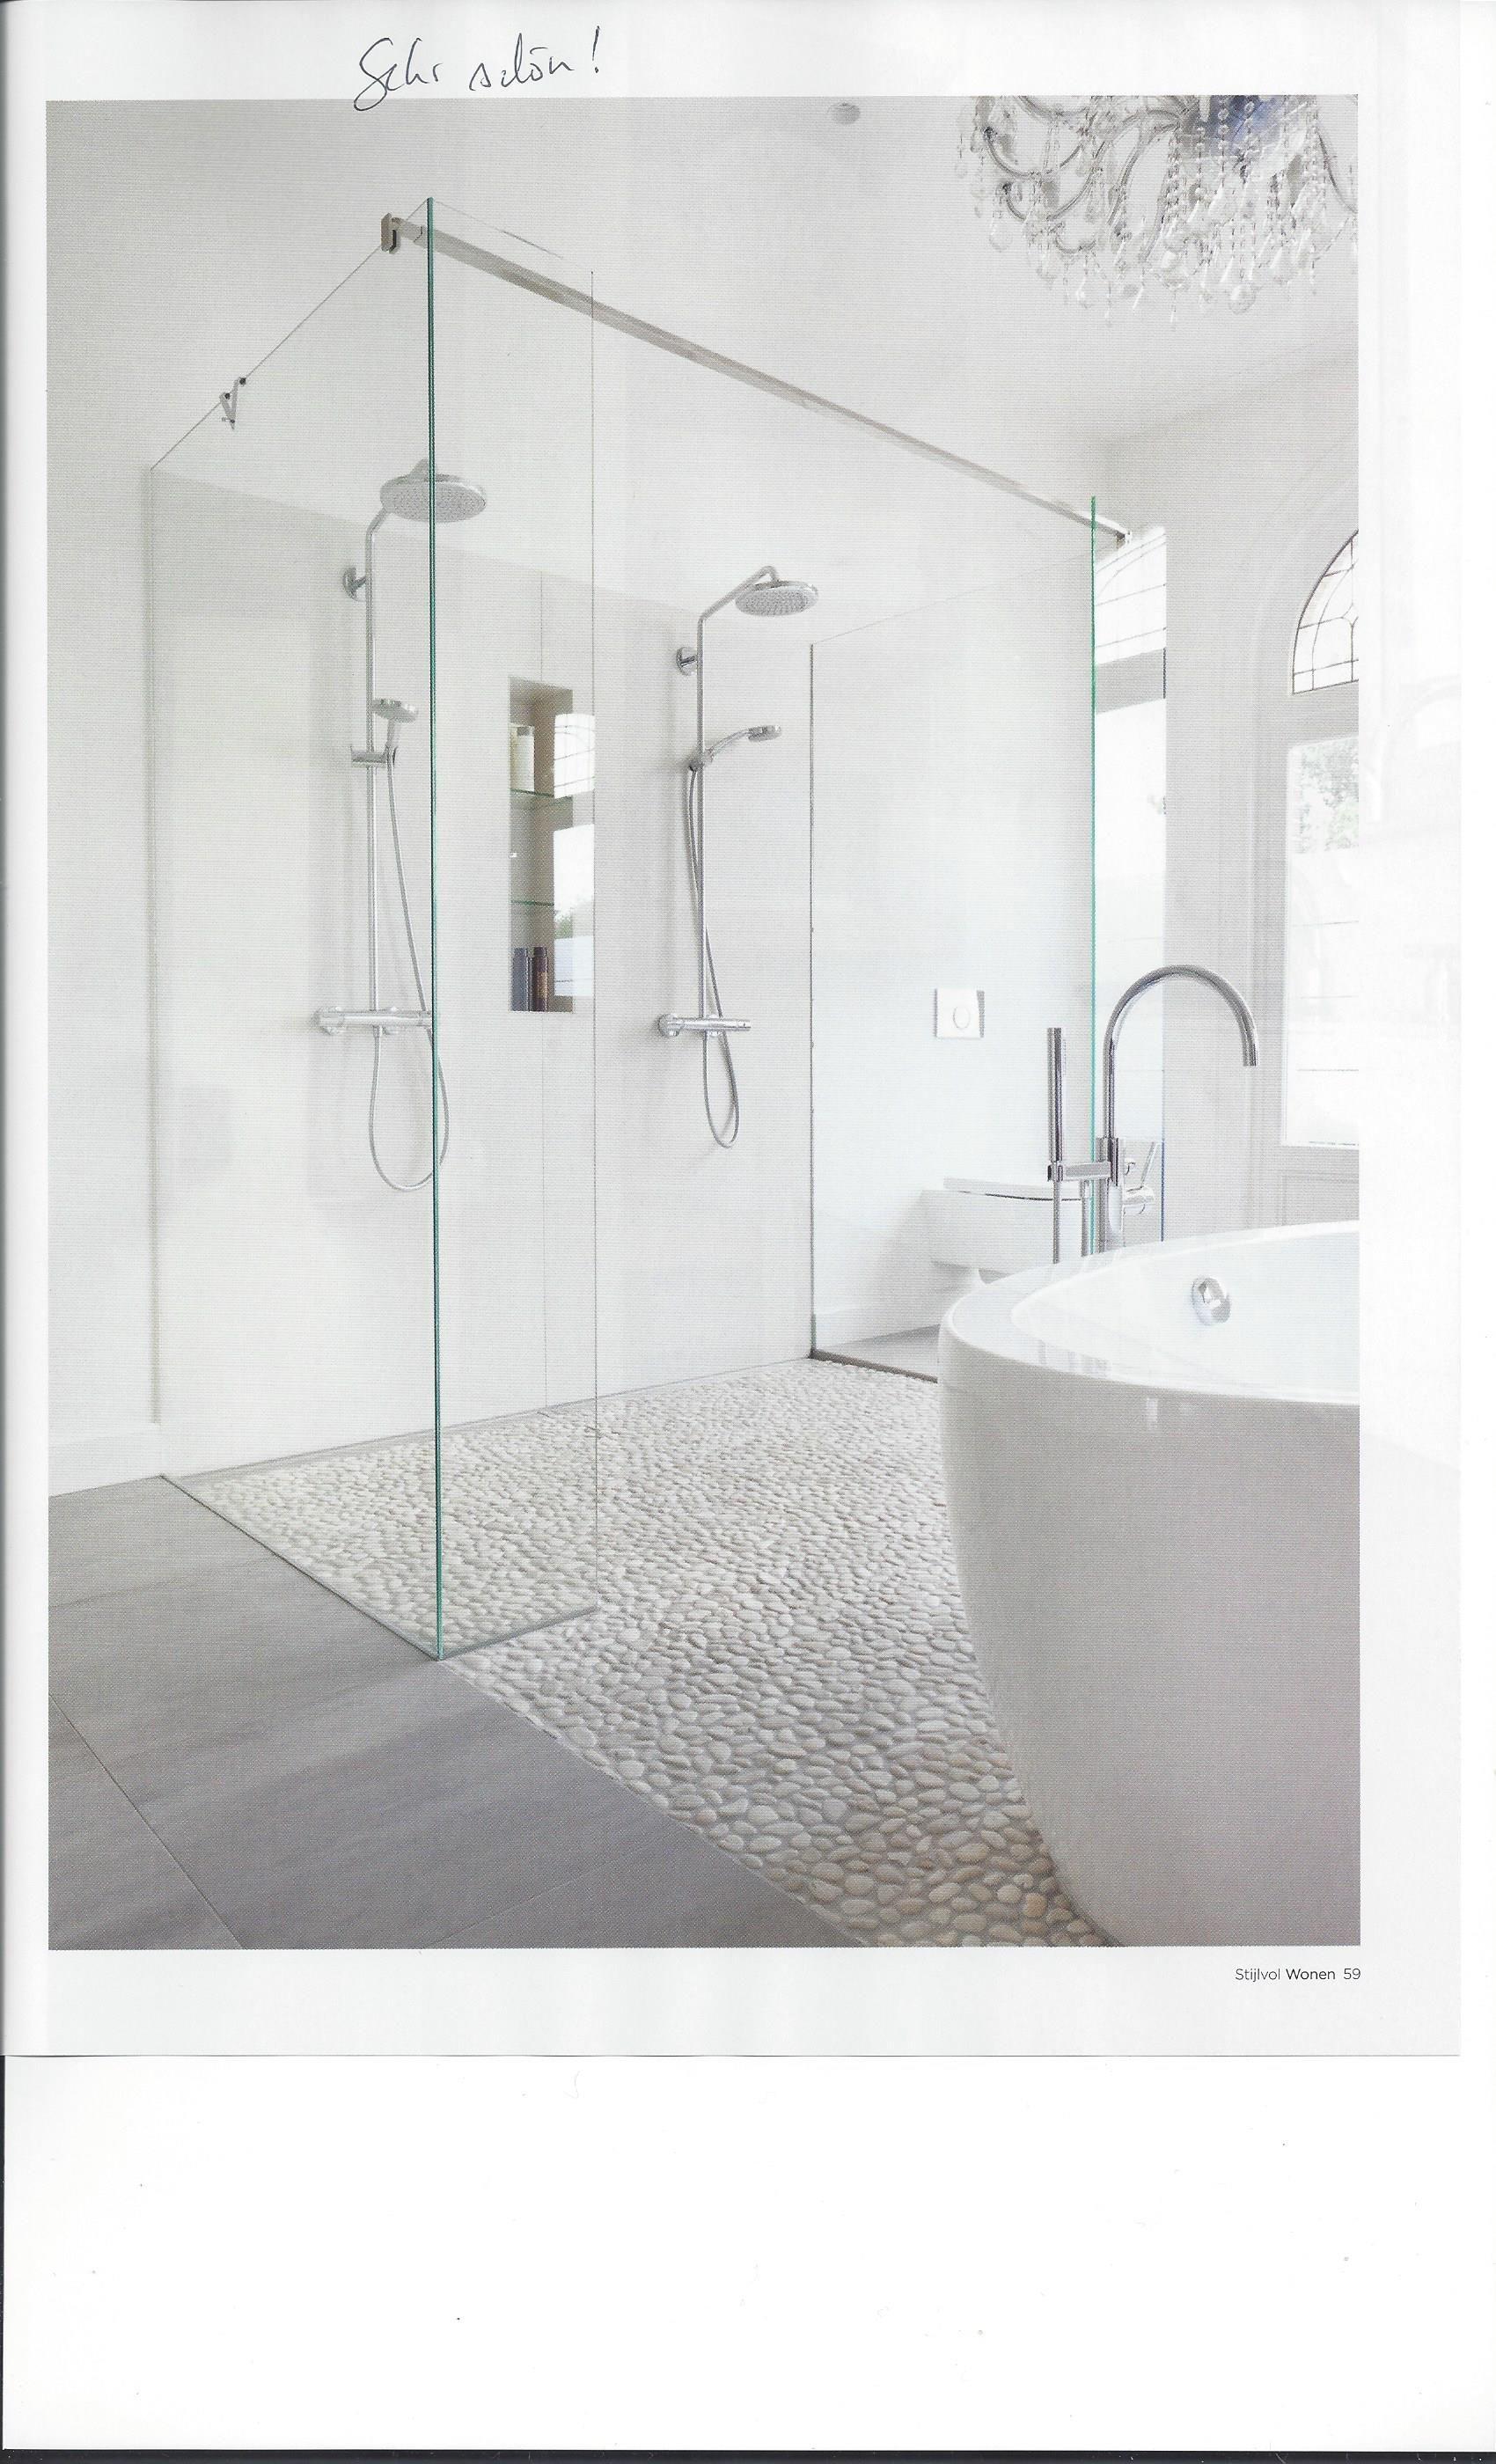 Tolle Doppeldusche Klo Aber Immer Getrennt Und Bodenbelag Muss Pflegeleicht Sein Evtl Fliesen Statt Steine Begehbare Dusche Badezimmer Badezimmer Design